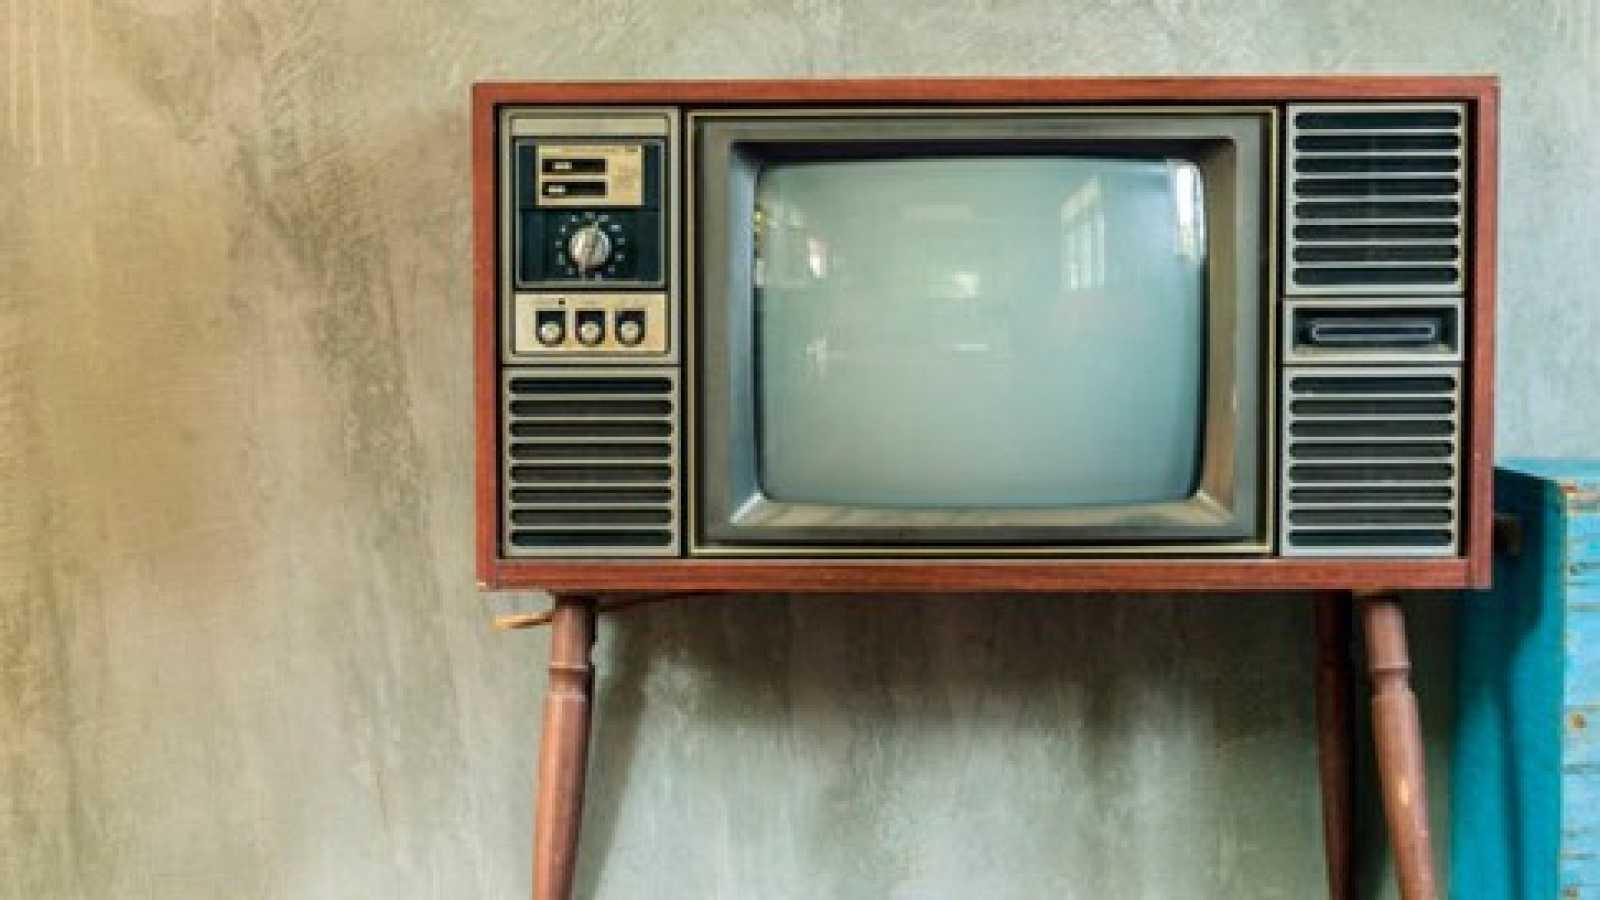 Cuento 'Tanta tele no es buena' - escuchar ahora